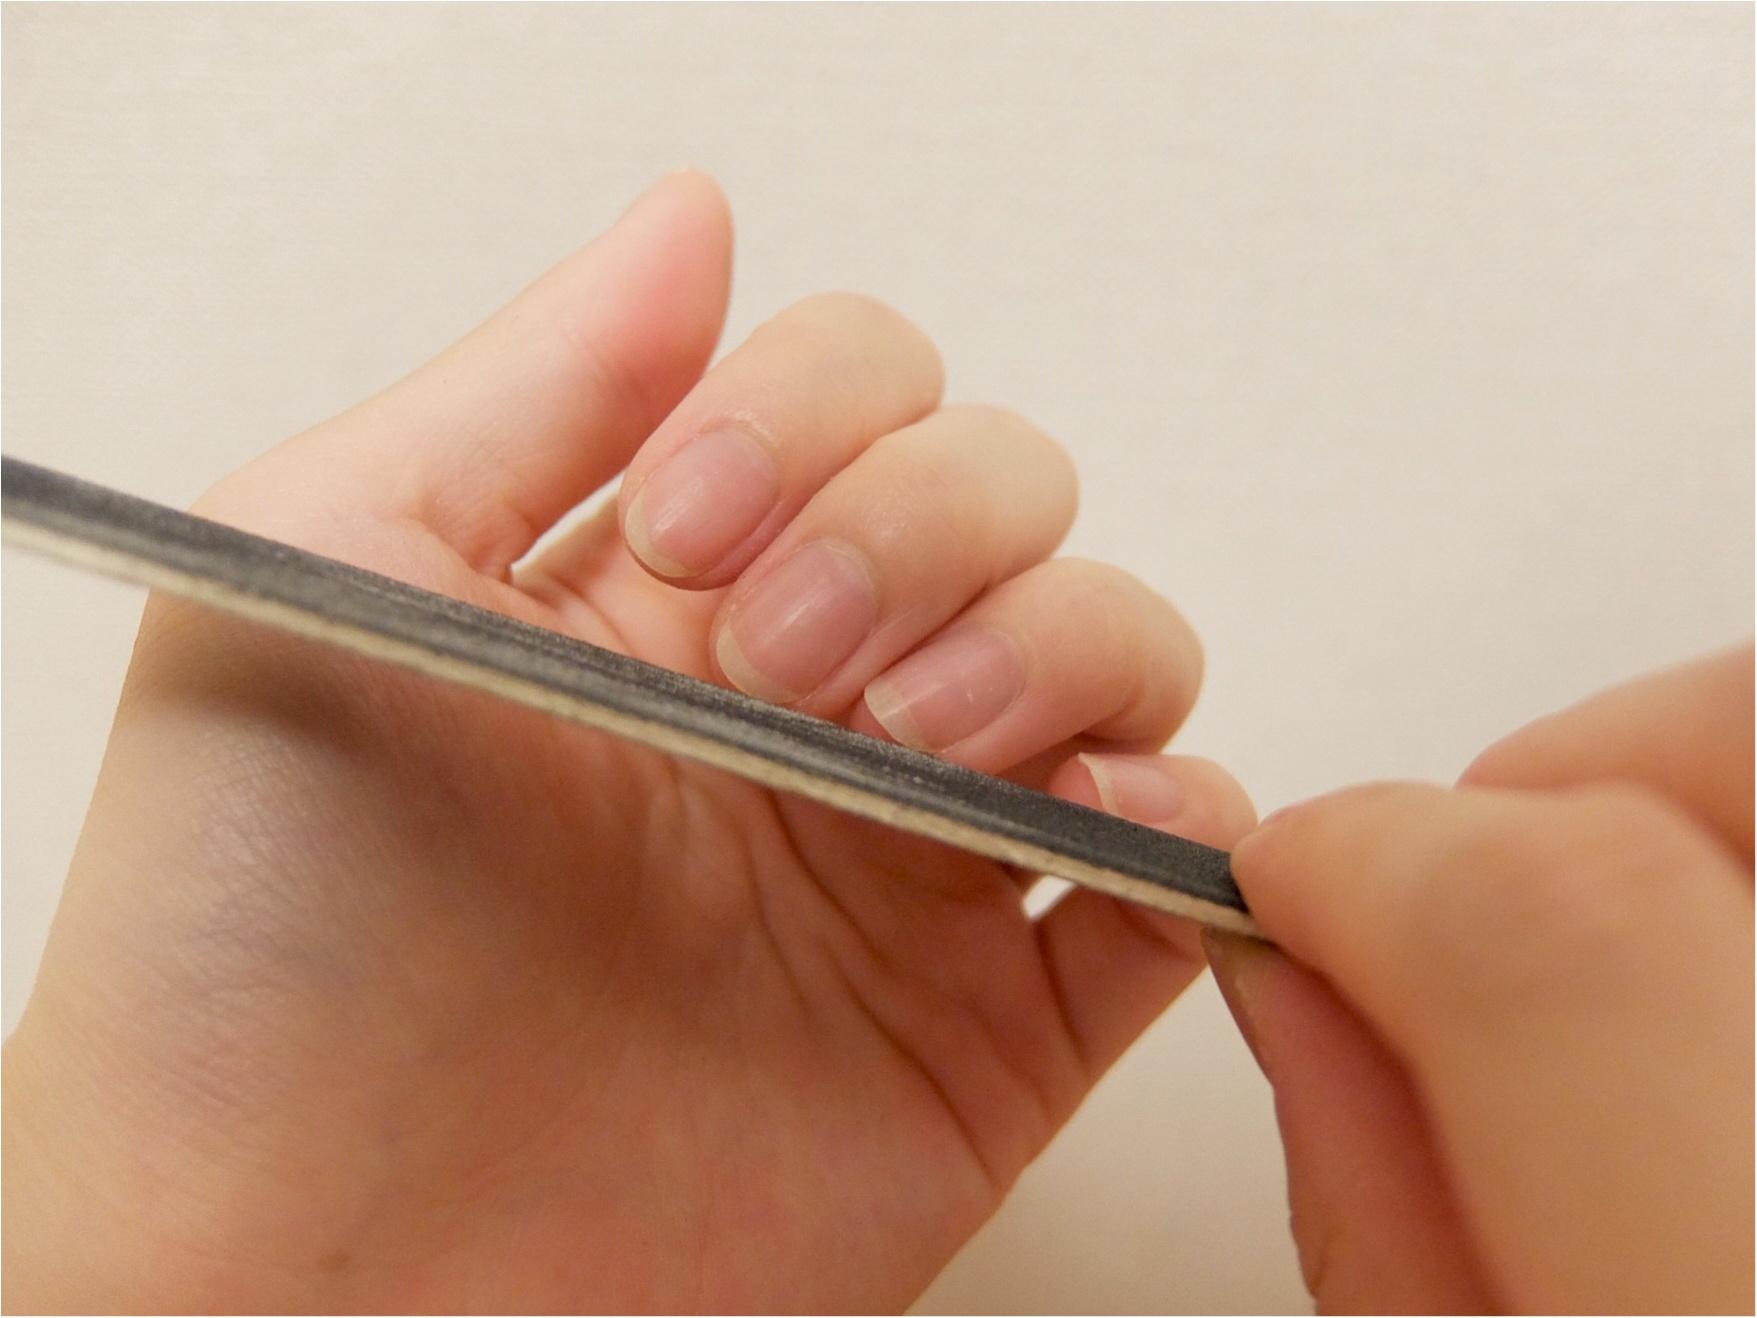 ネイル前のひと手間で指先がもっと綺麗になる!自宅でできる簡単ネイルケア方法♡_3